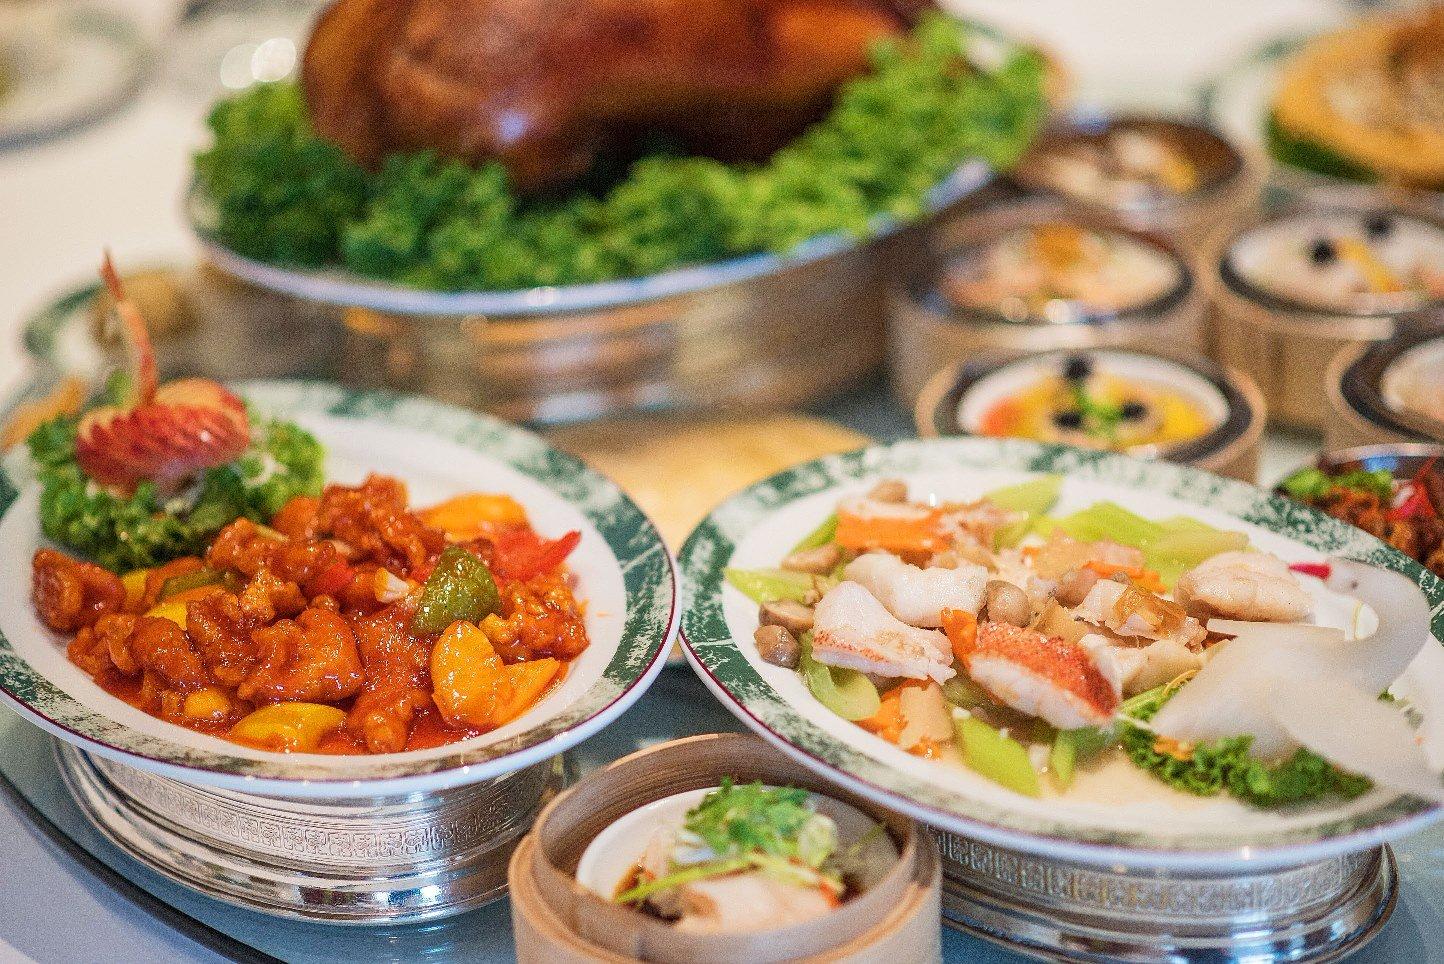 ชวนชิมสุดยอดเมนูจักรพรรดิ กับเซ็ตเมนูอาหารจีนกวางตุ้งสูตรดั้งเดิม 13 -